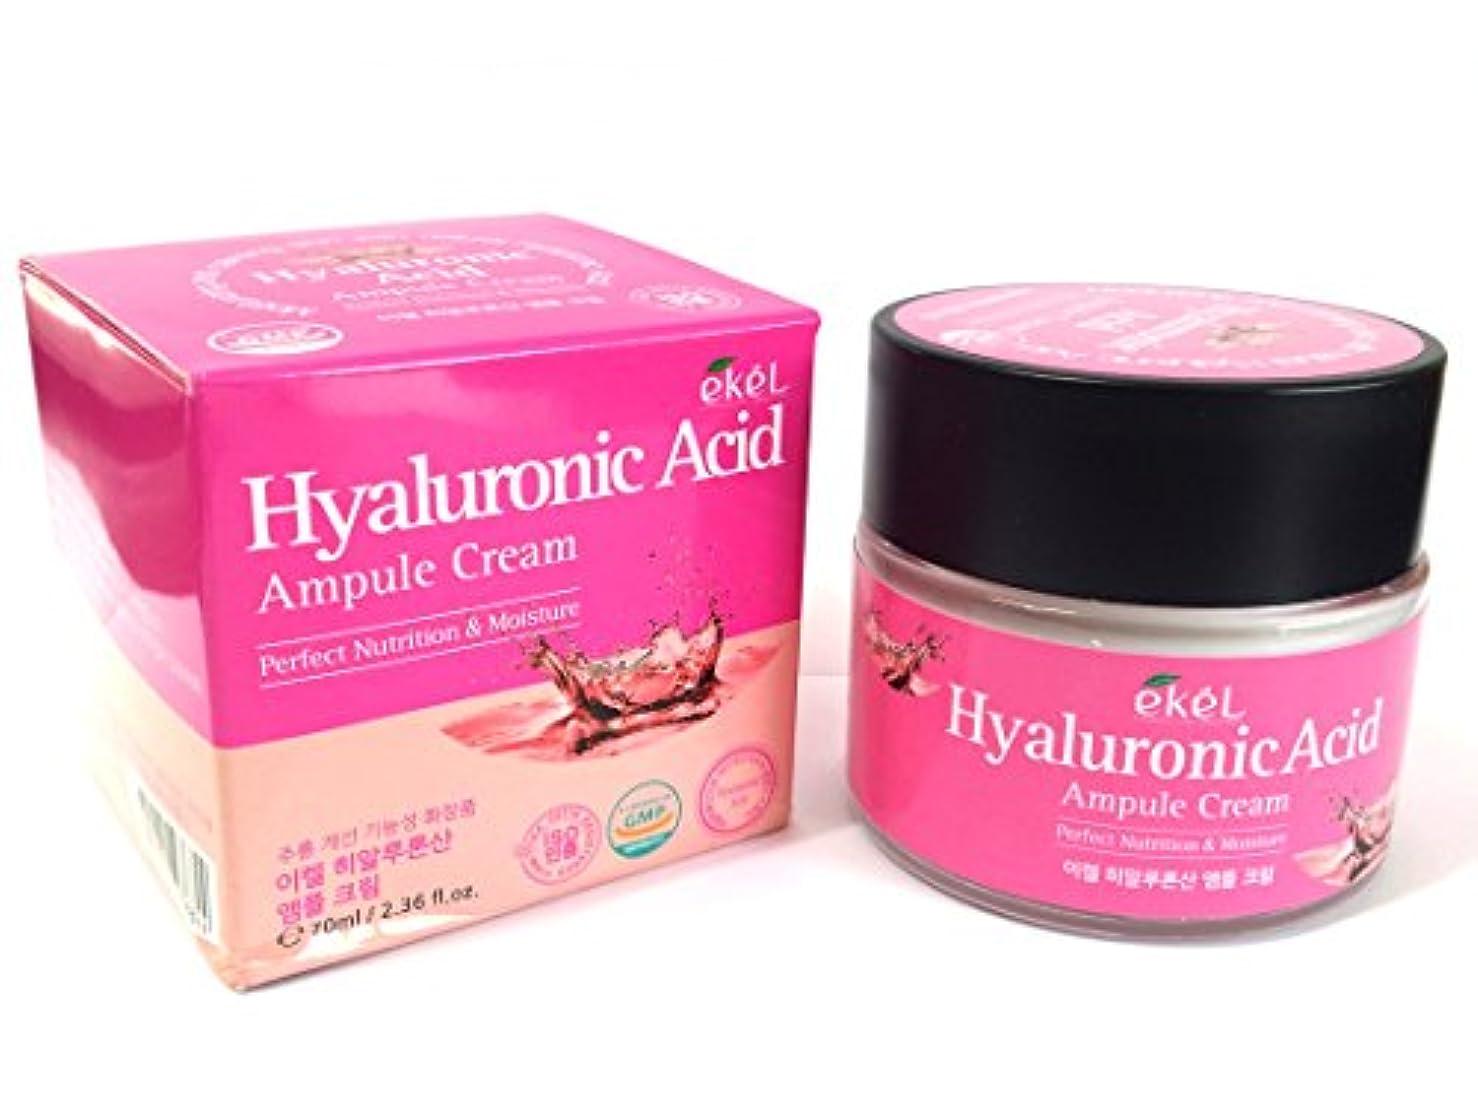 破壊アサーテーマ[EKEL] ヒアルロン酸アンプルクリーム70ml / 完璧な栄養と水分 / 韓国化粧品/ Hyaluronic Acid Ampule Cream 70ml / Perfect Nutrition & Moisture...